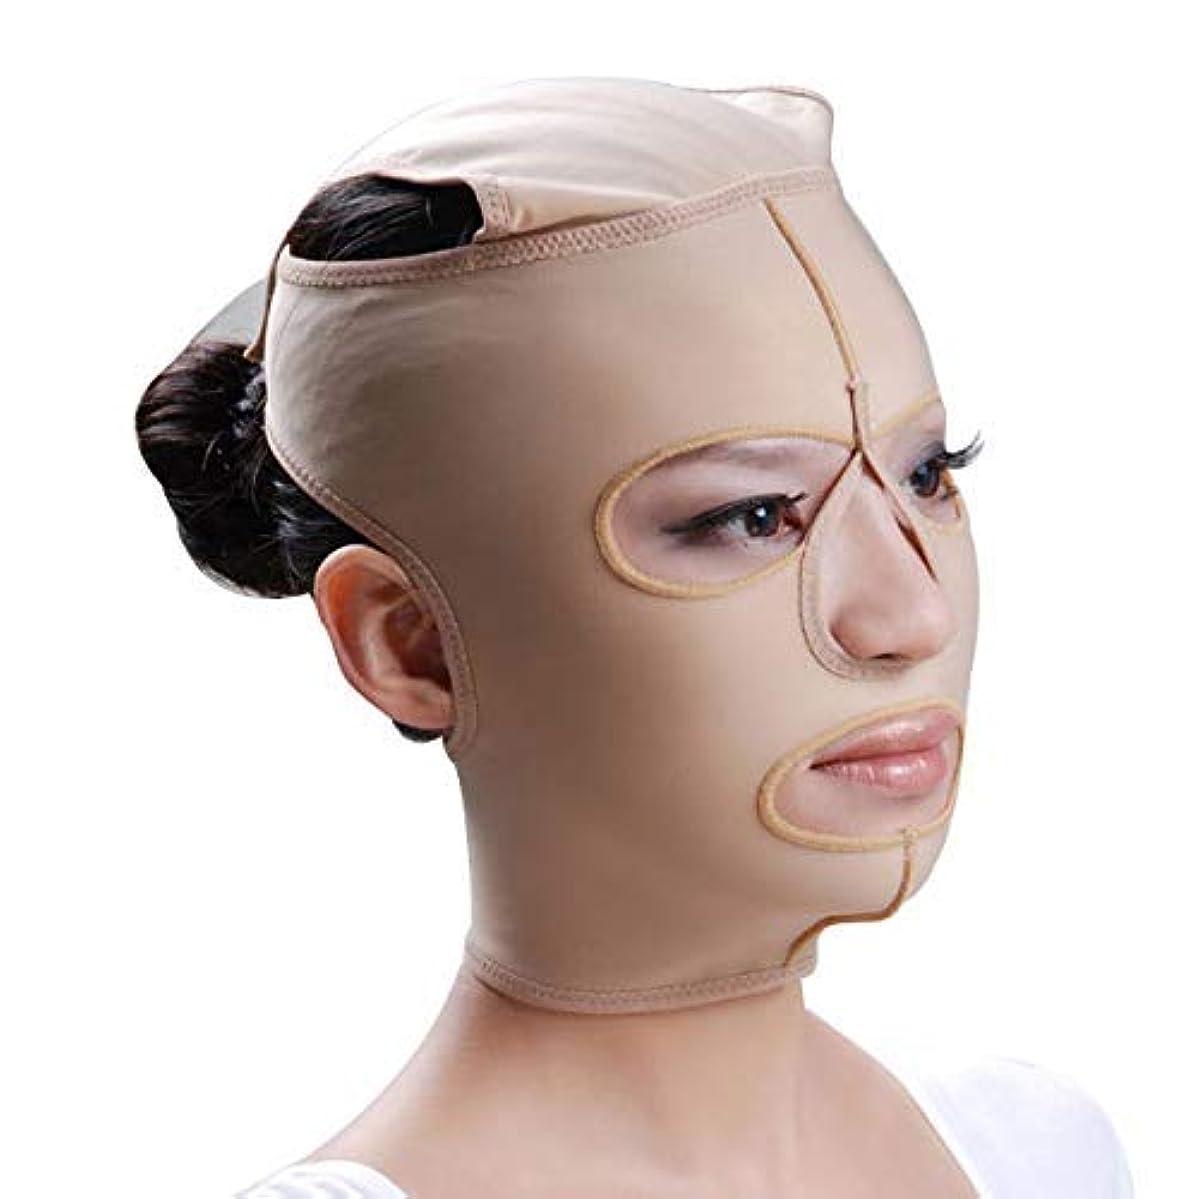 ファーミングフェイスマスク、フェイシャルマスクエラスティックフェイスリフティングリフティングファーミングパターンマイクロフィニッシングポストモデリングコンプレッションフェイスマスク(サイズ:S),L